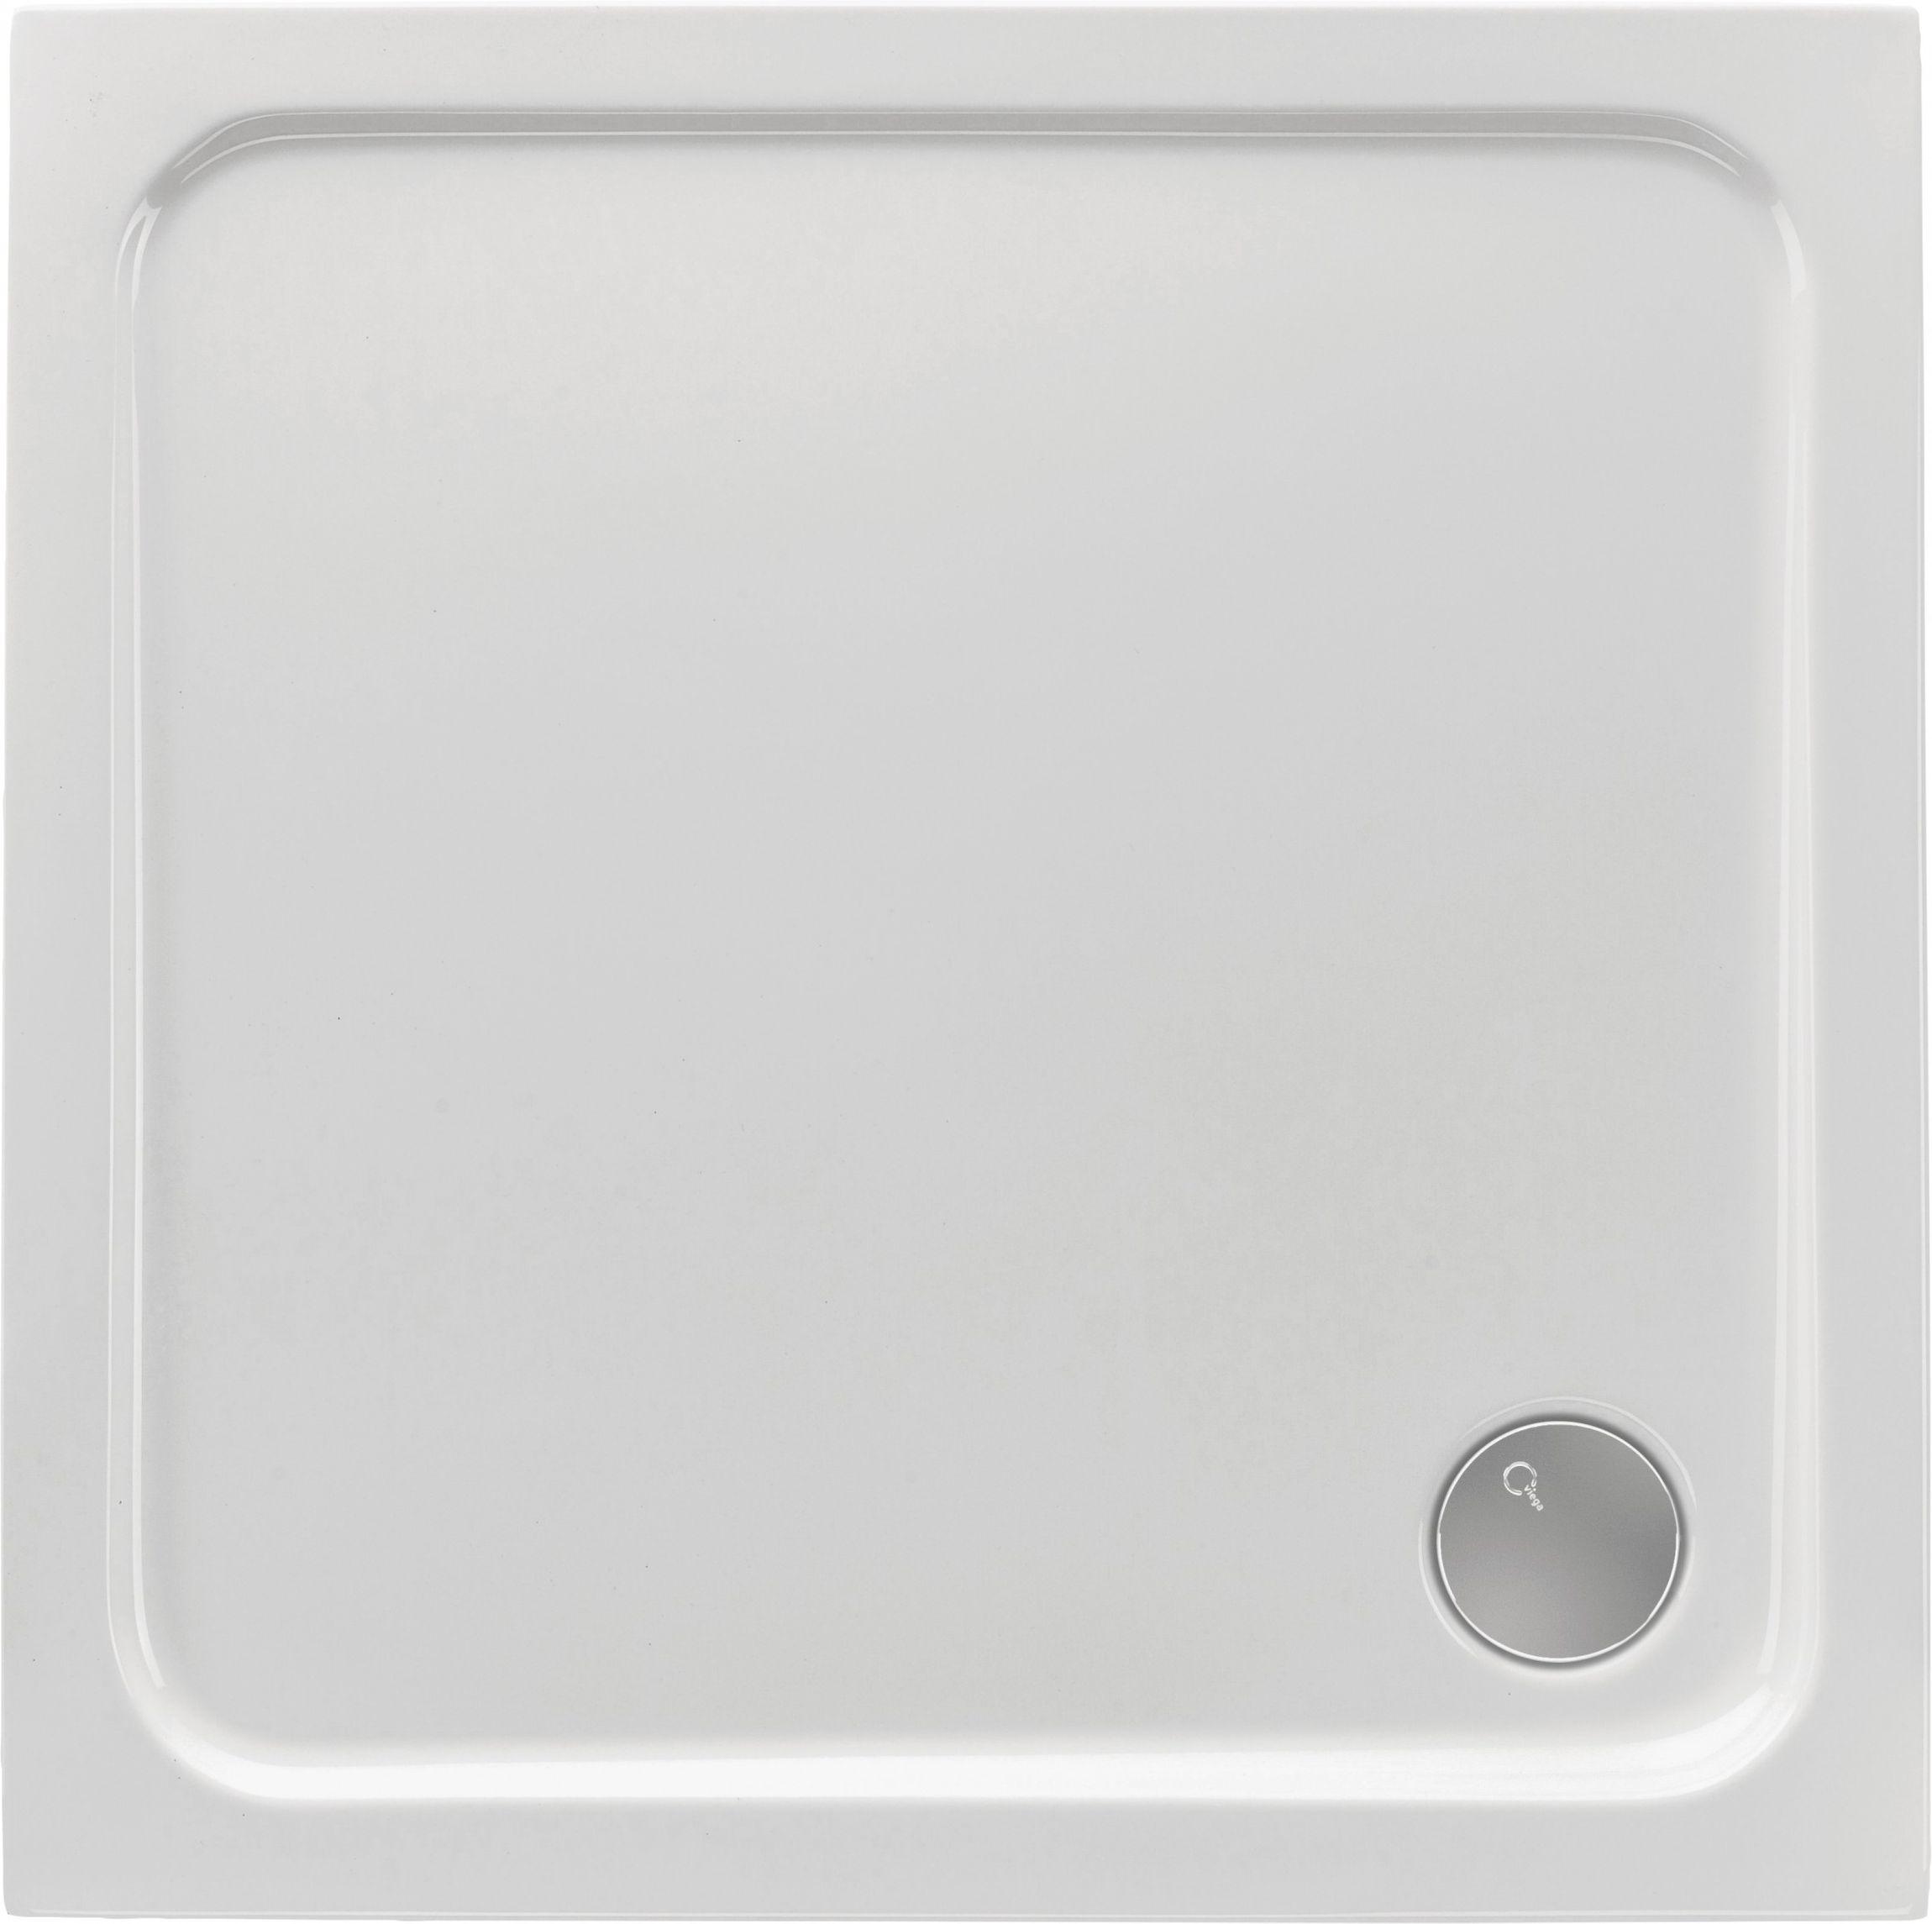 duschtasse 100 x 100 x 3 cm duschwanne duschtasse quadrat duschwanne 100x100 rechteck. Black Bedroom Furniture Sets. Home Design Ideas